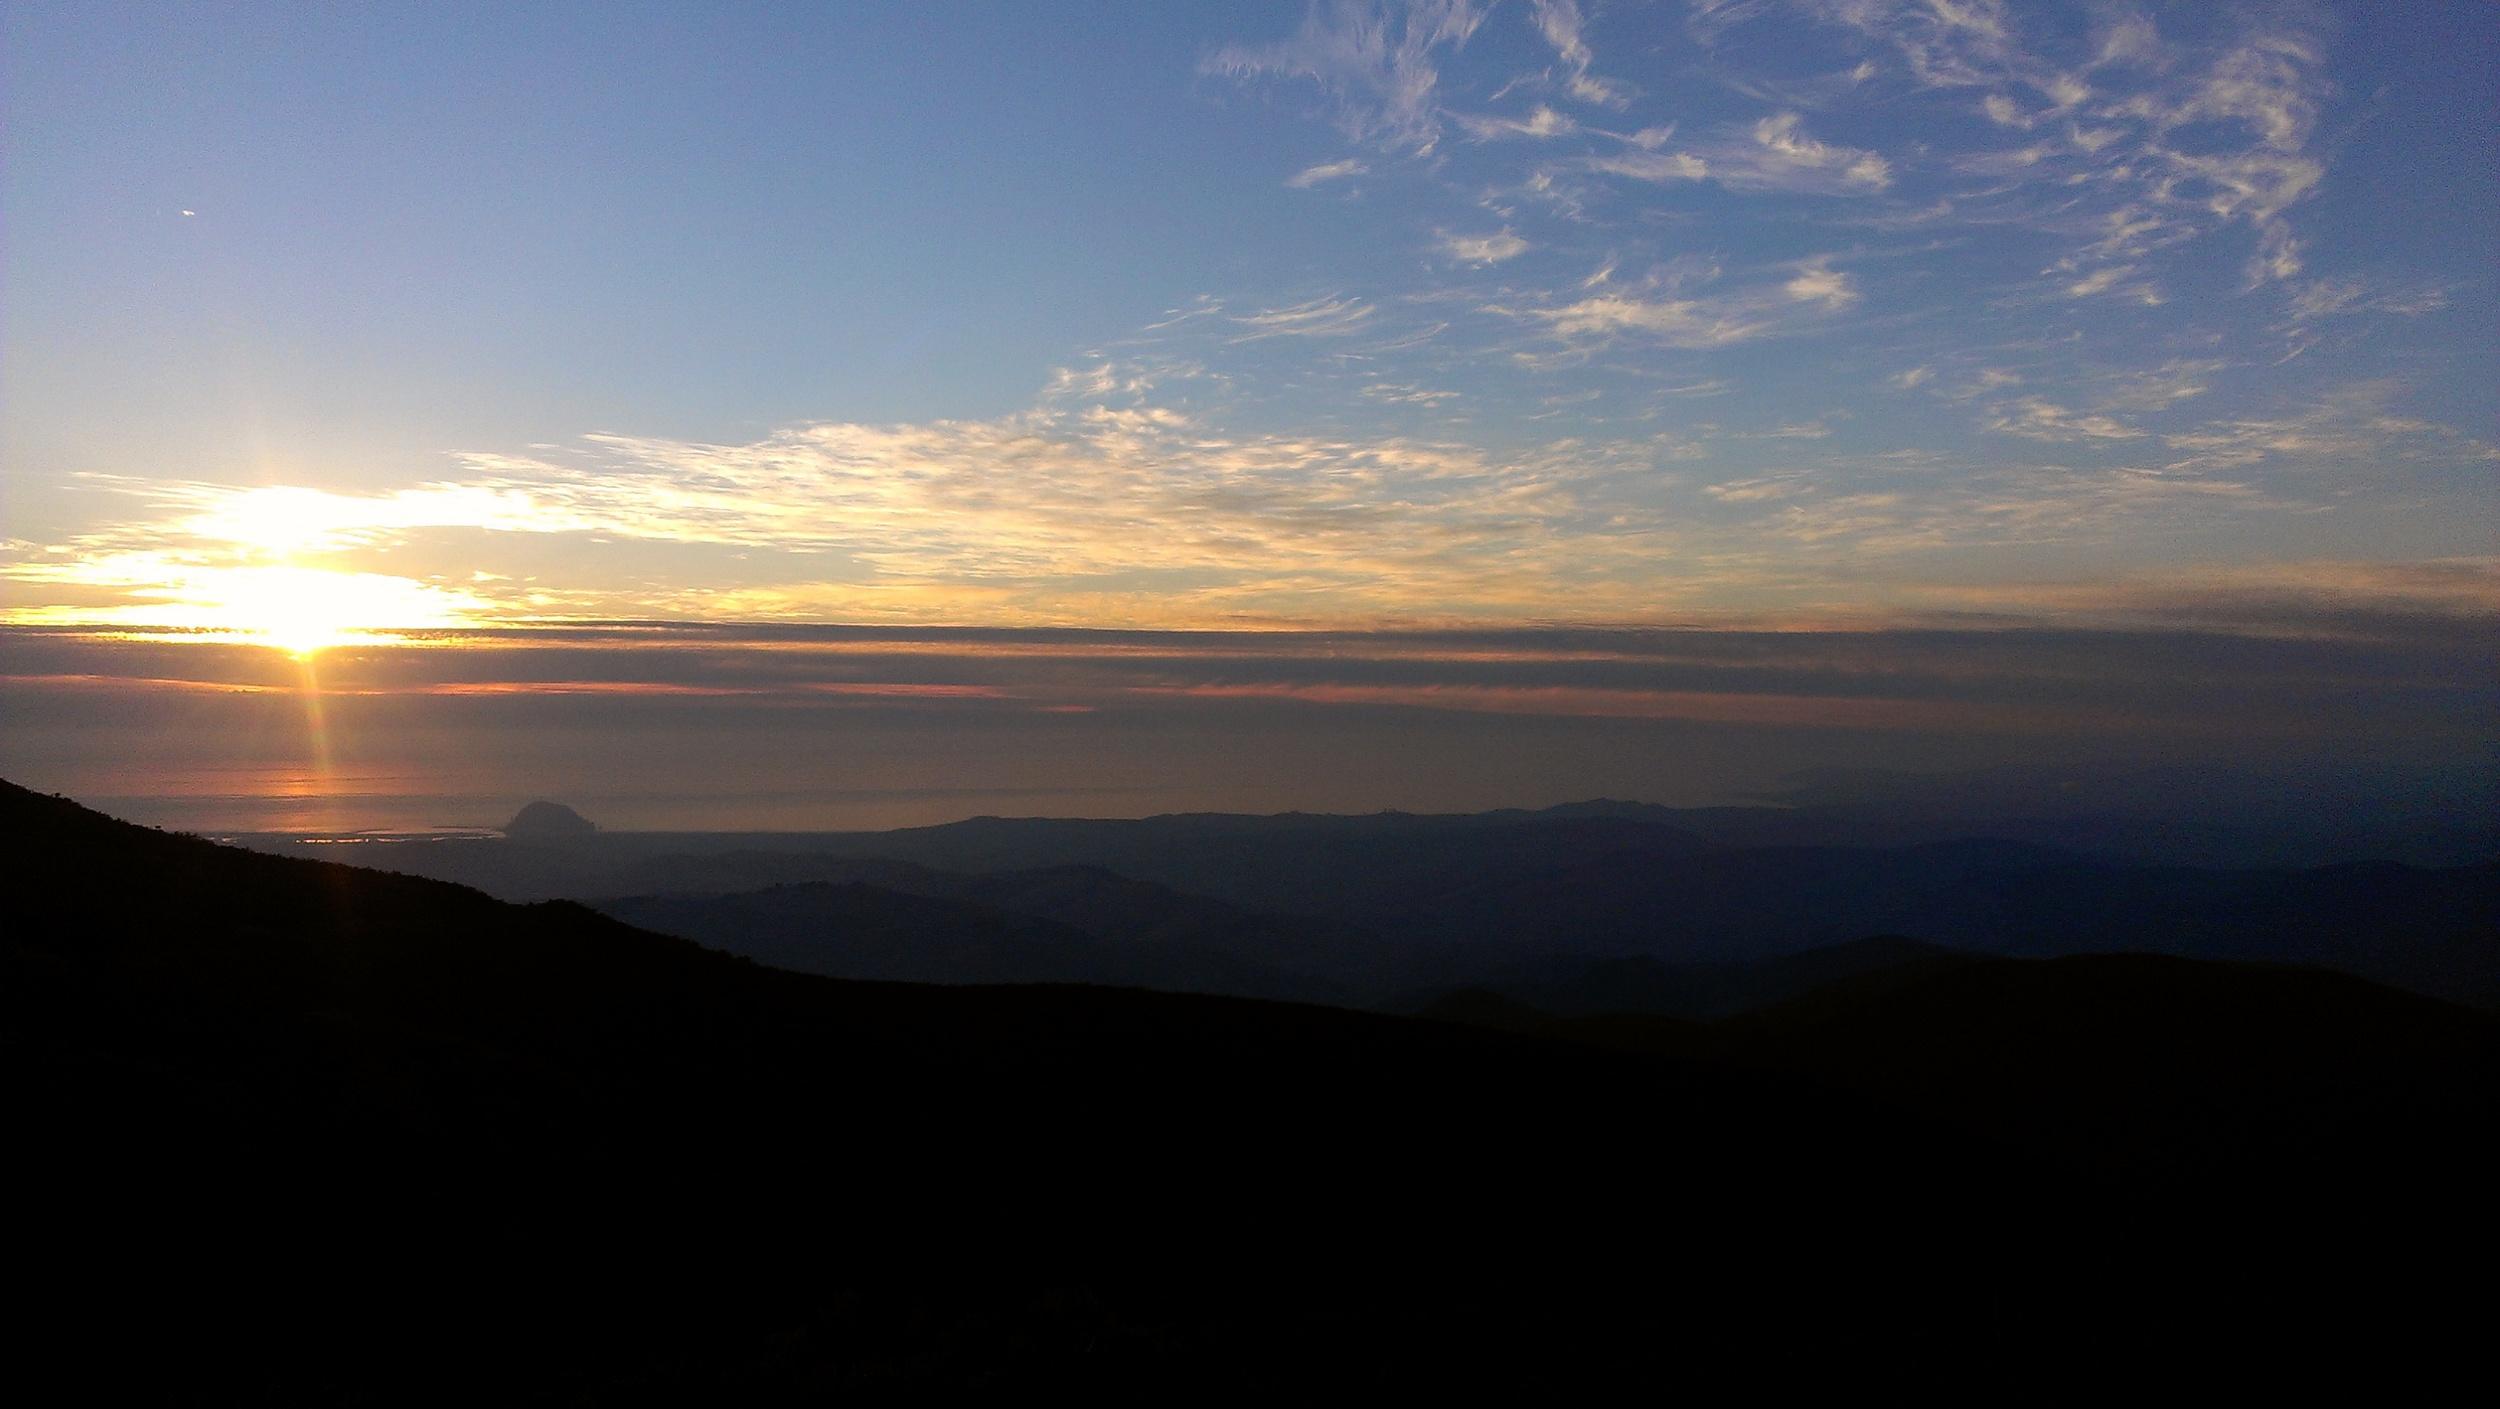 Cerro Alto Summit Trail - Cerro Alto Campground